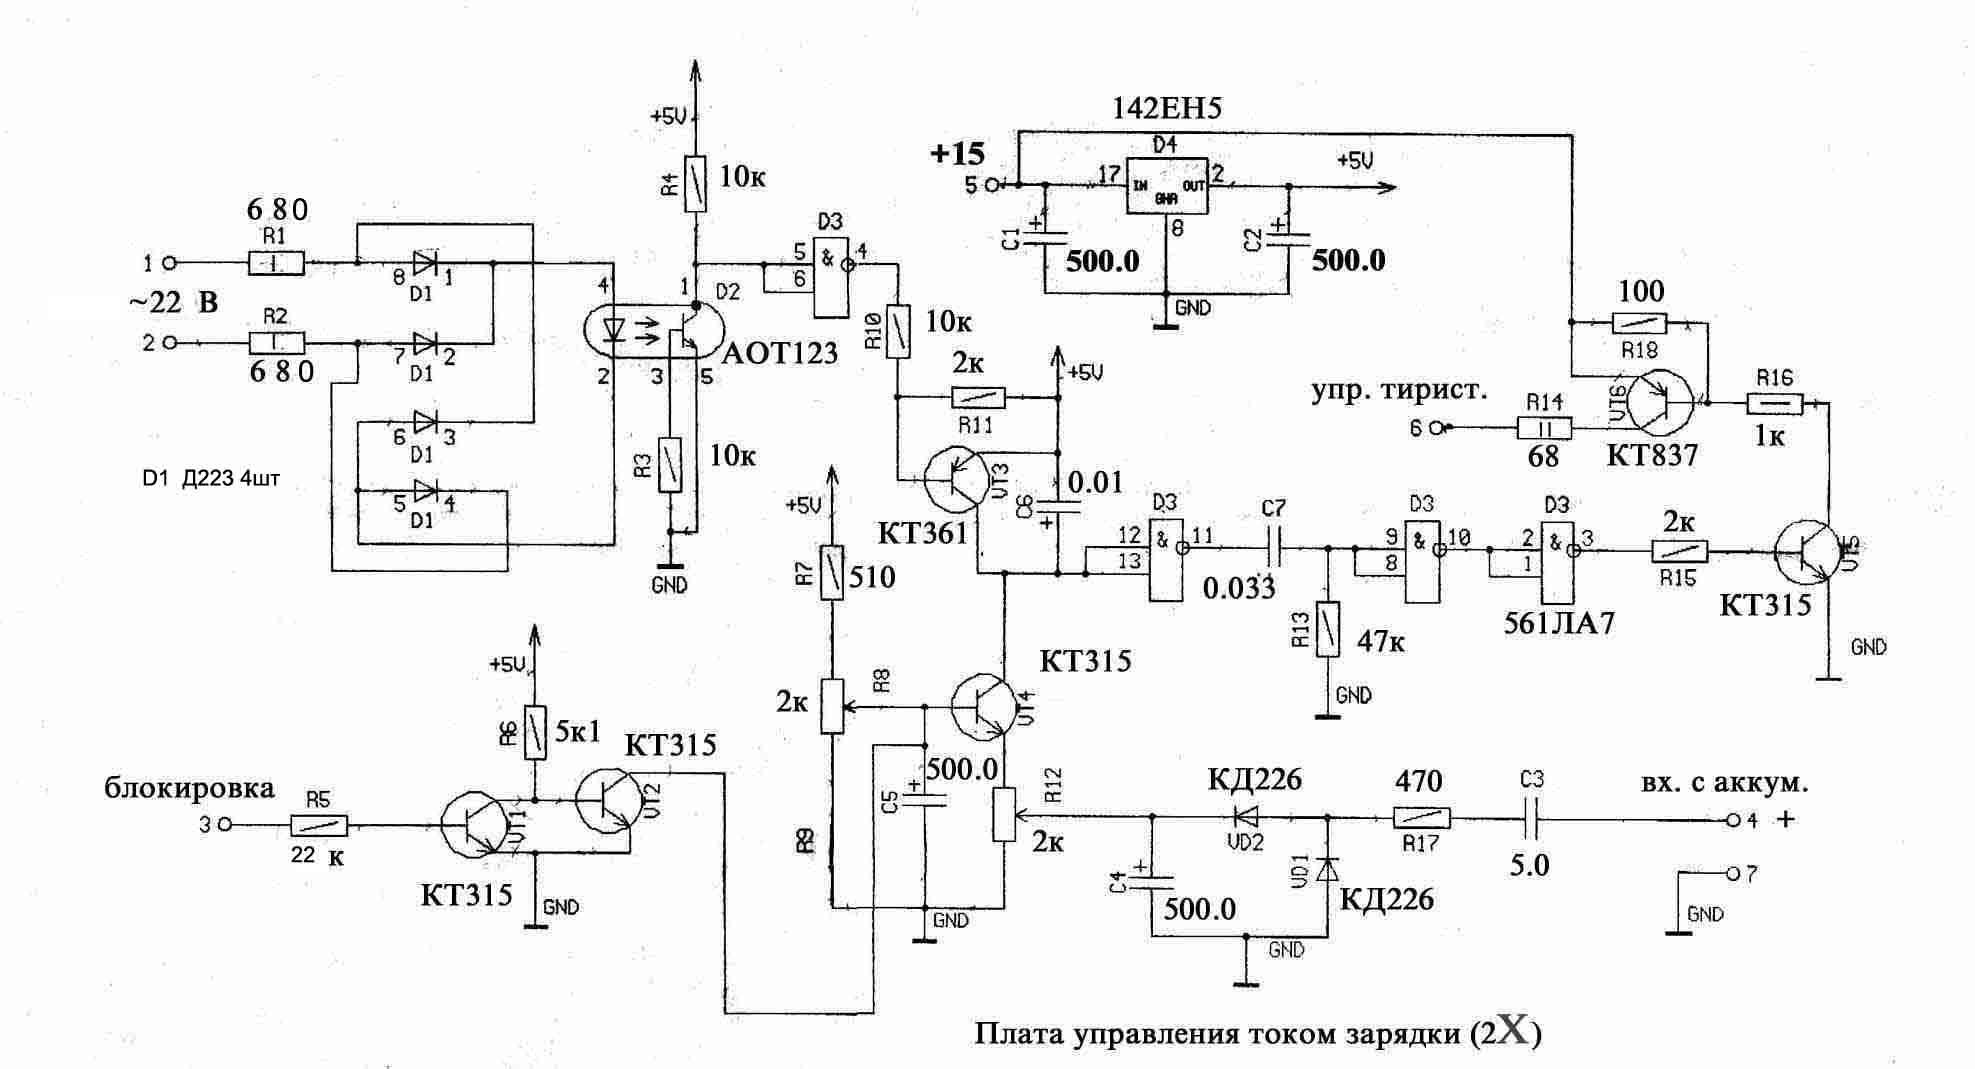 Схема зарядников для сотовых